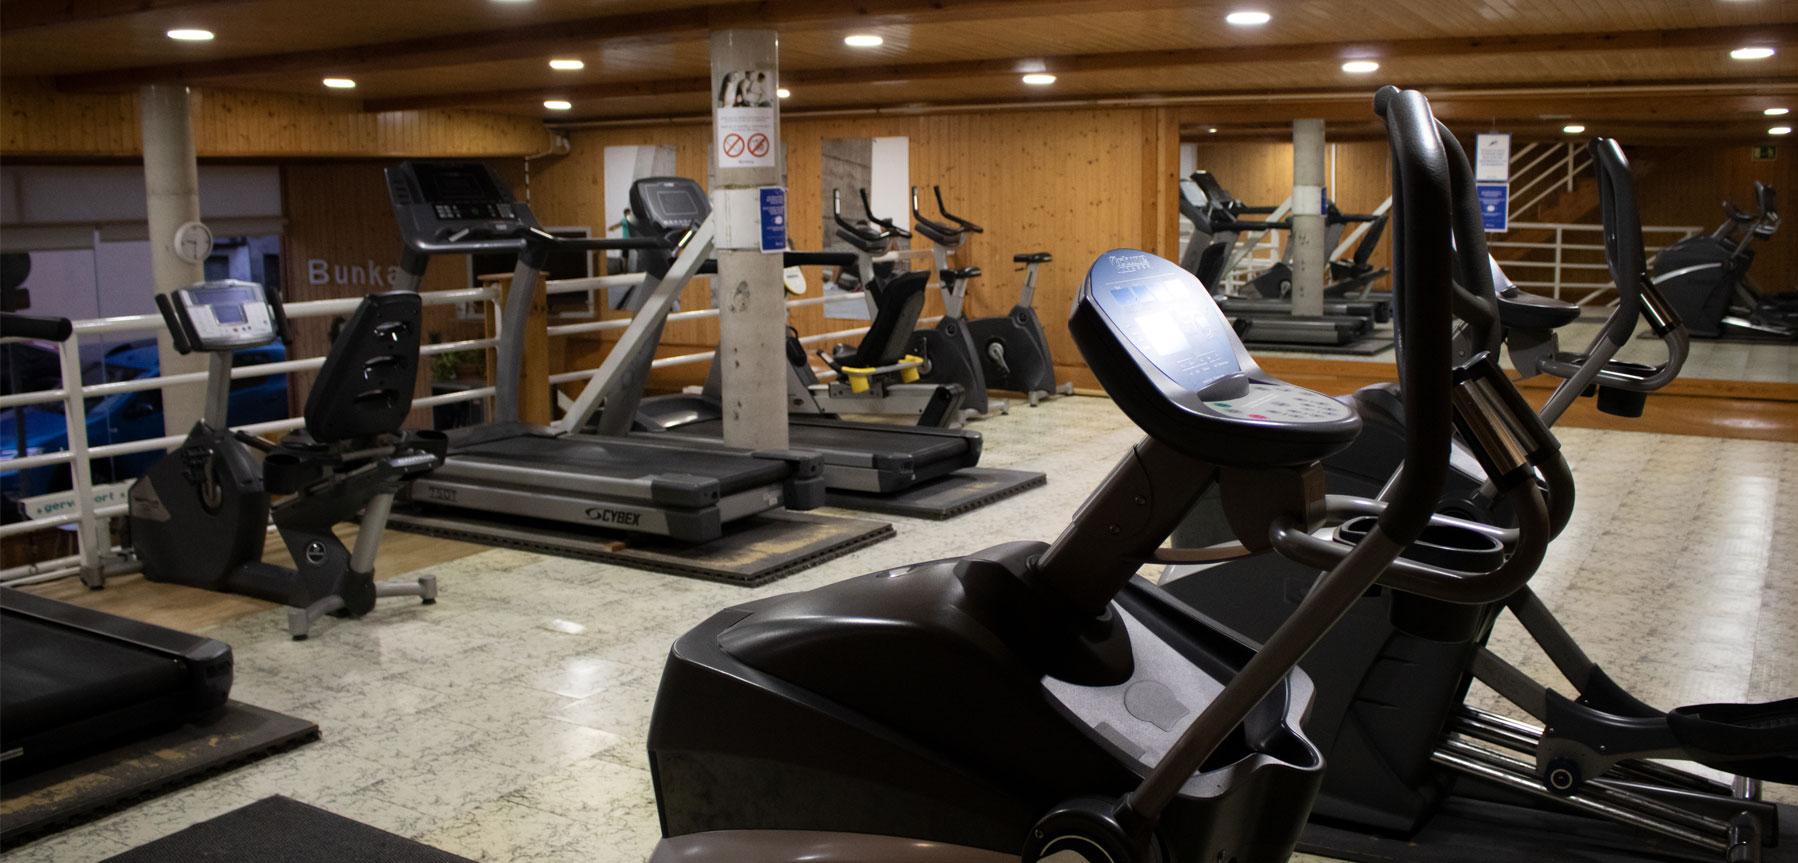 bunkay-instalaciones-gym